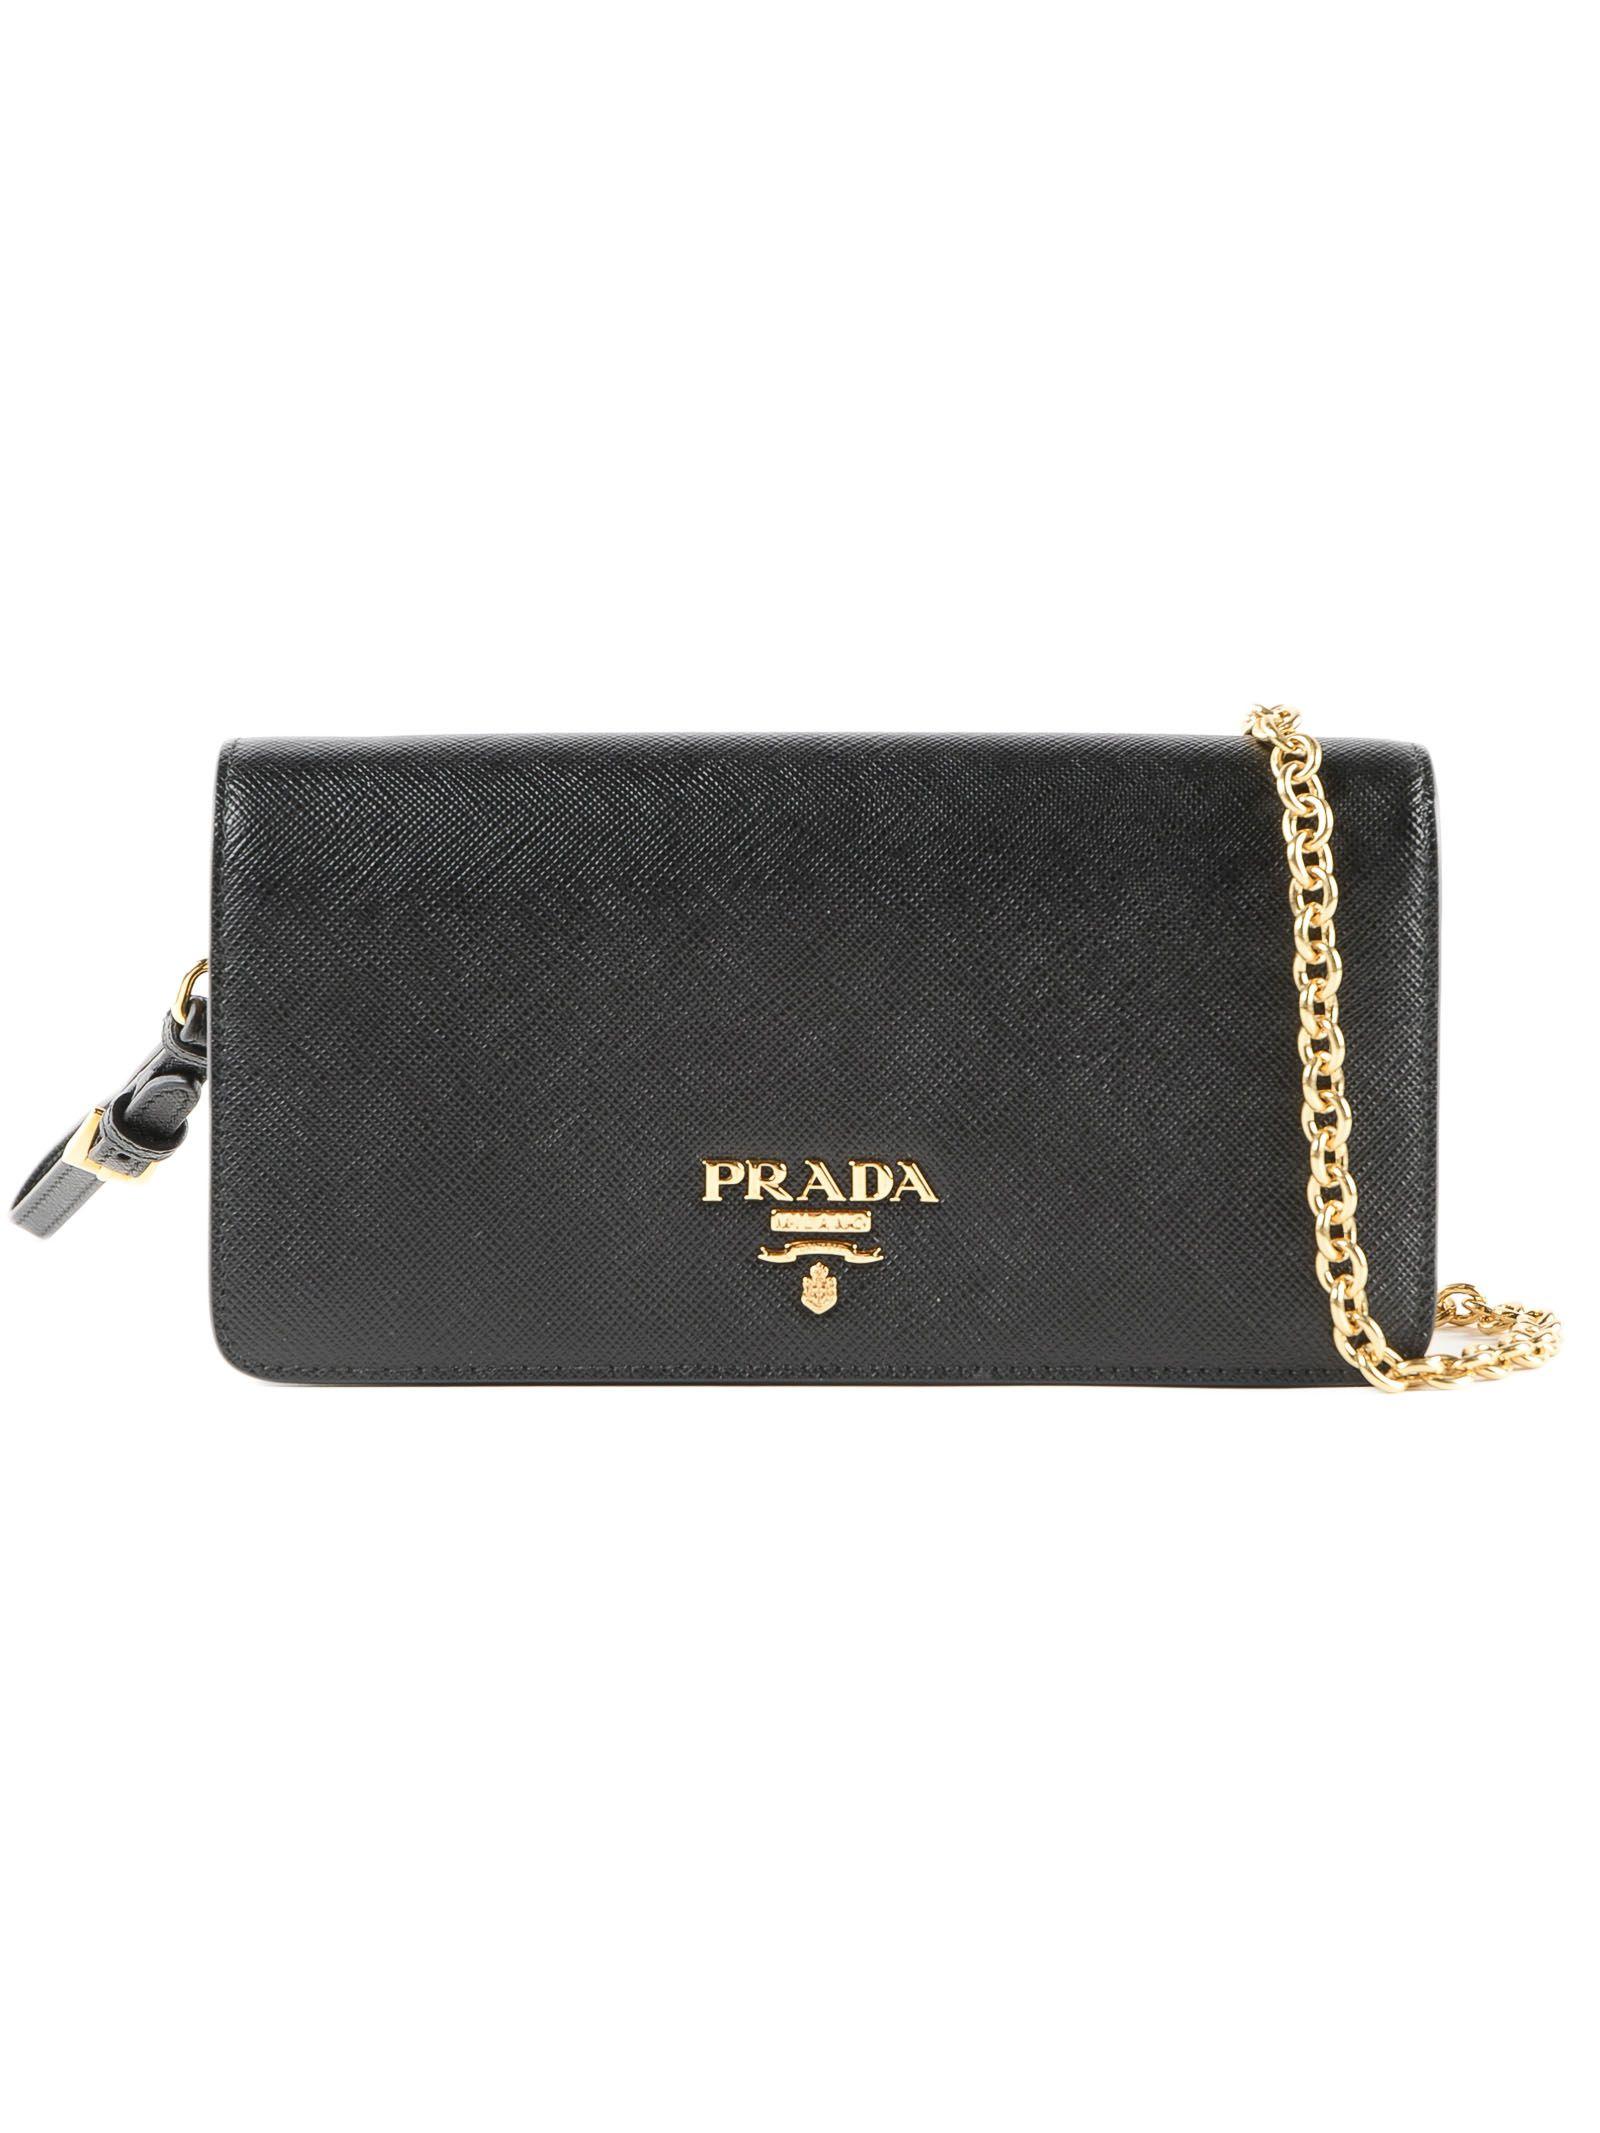 bf527e1fac Prada Prada Mini Saffiano Shoulder Bag - Black - 10804015